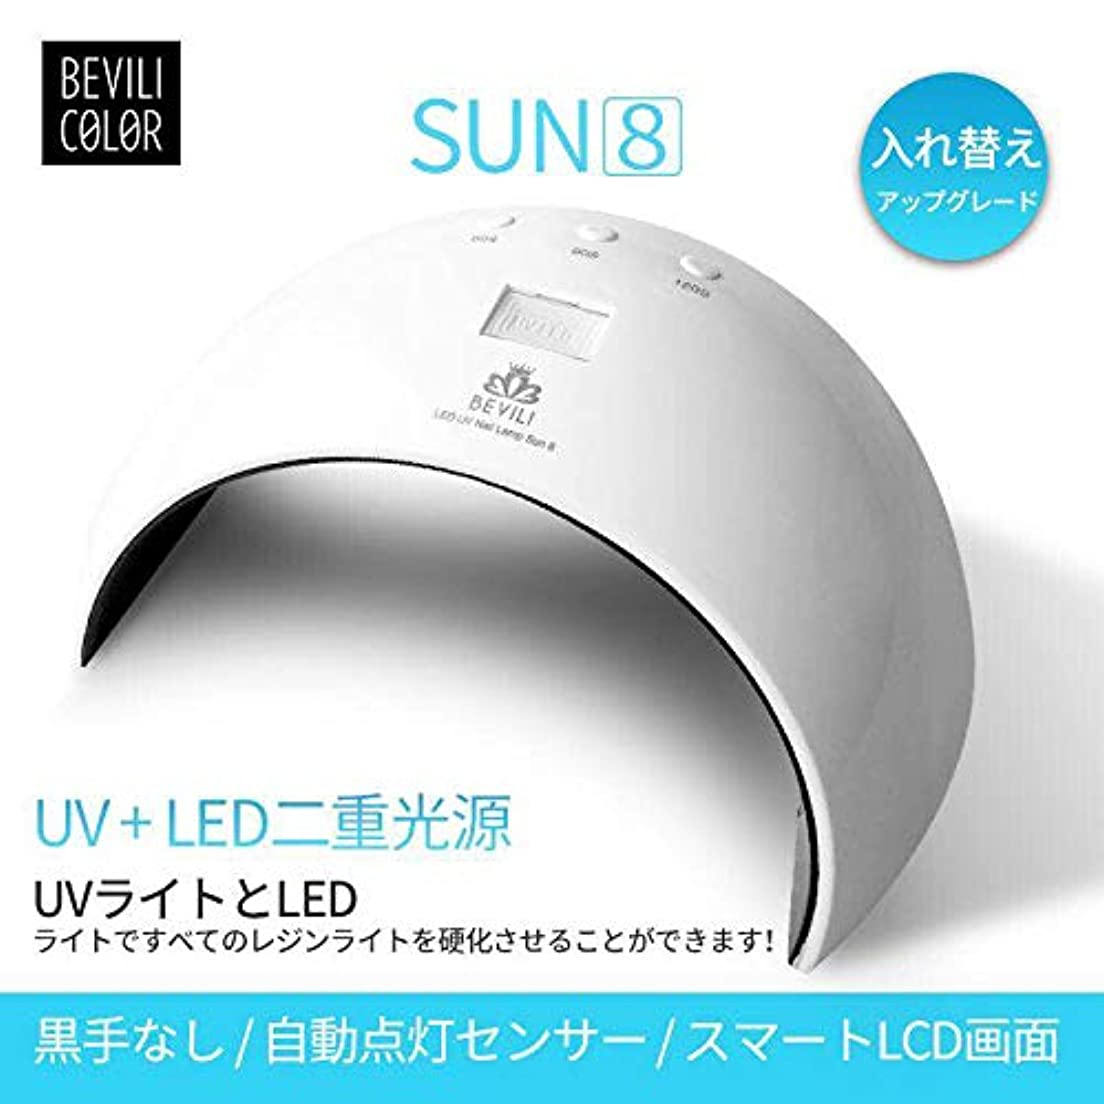 リンスボトルタップUV LEDネイルドライヤー 人感センサー UVライト24W 180度照射 Laintran 三つタイマー設定可能 UV と LEDダブルライト ジェルネイル用 ホワイト (24W) (ホワイト)